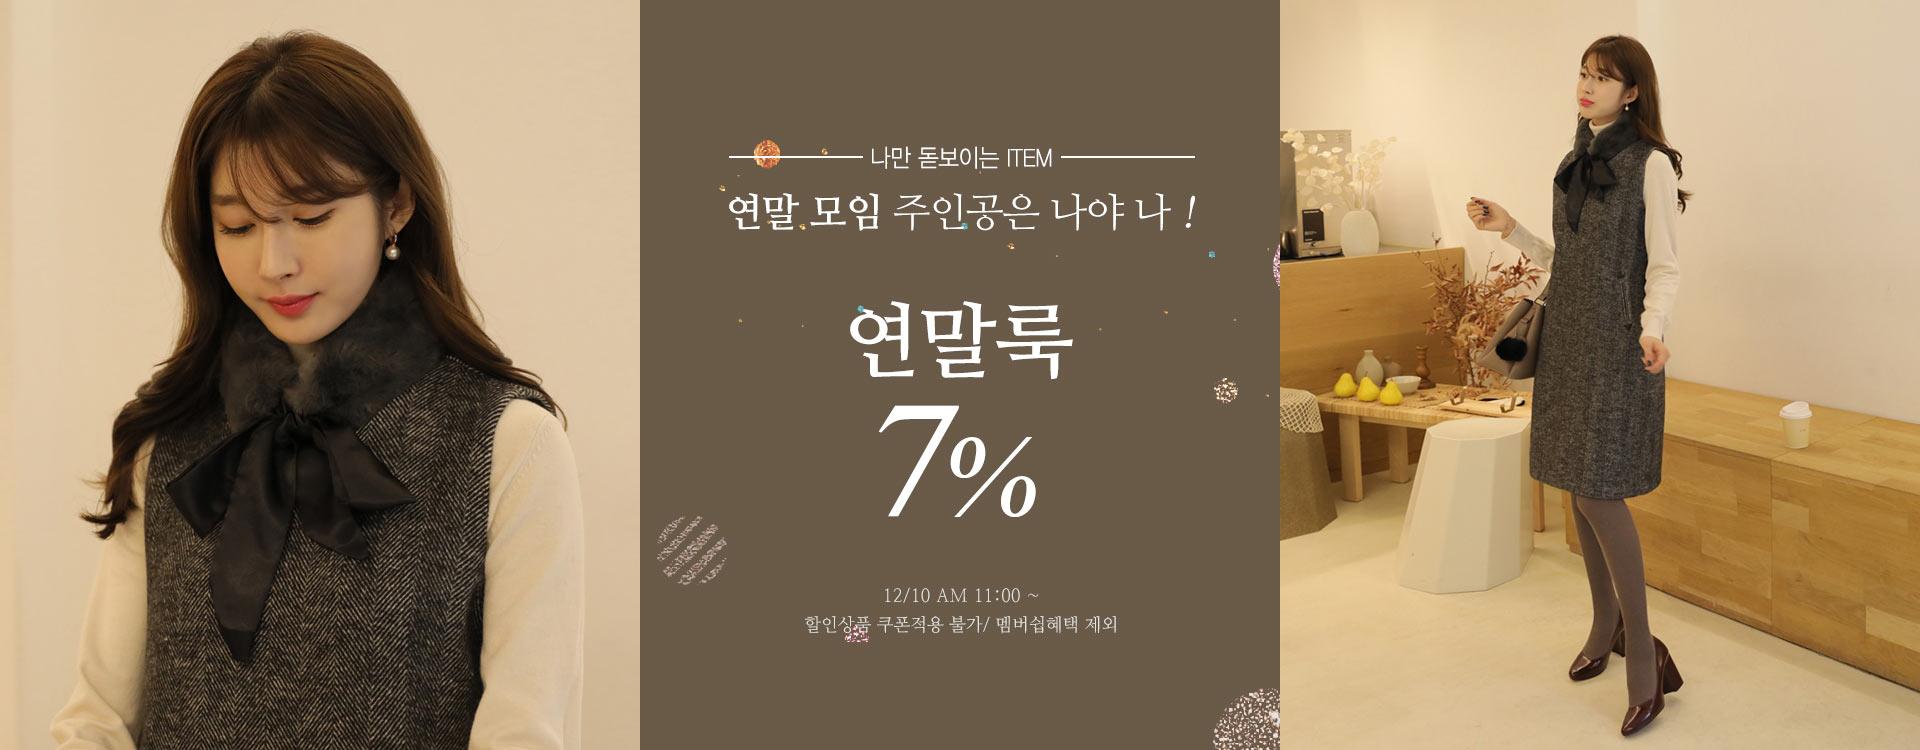 연말룩 7%